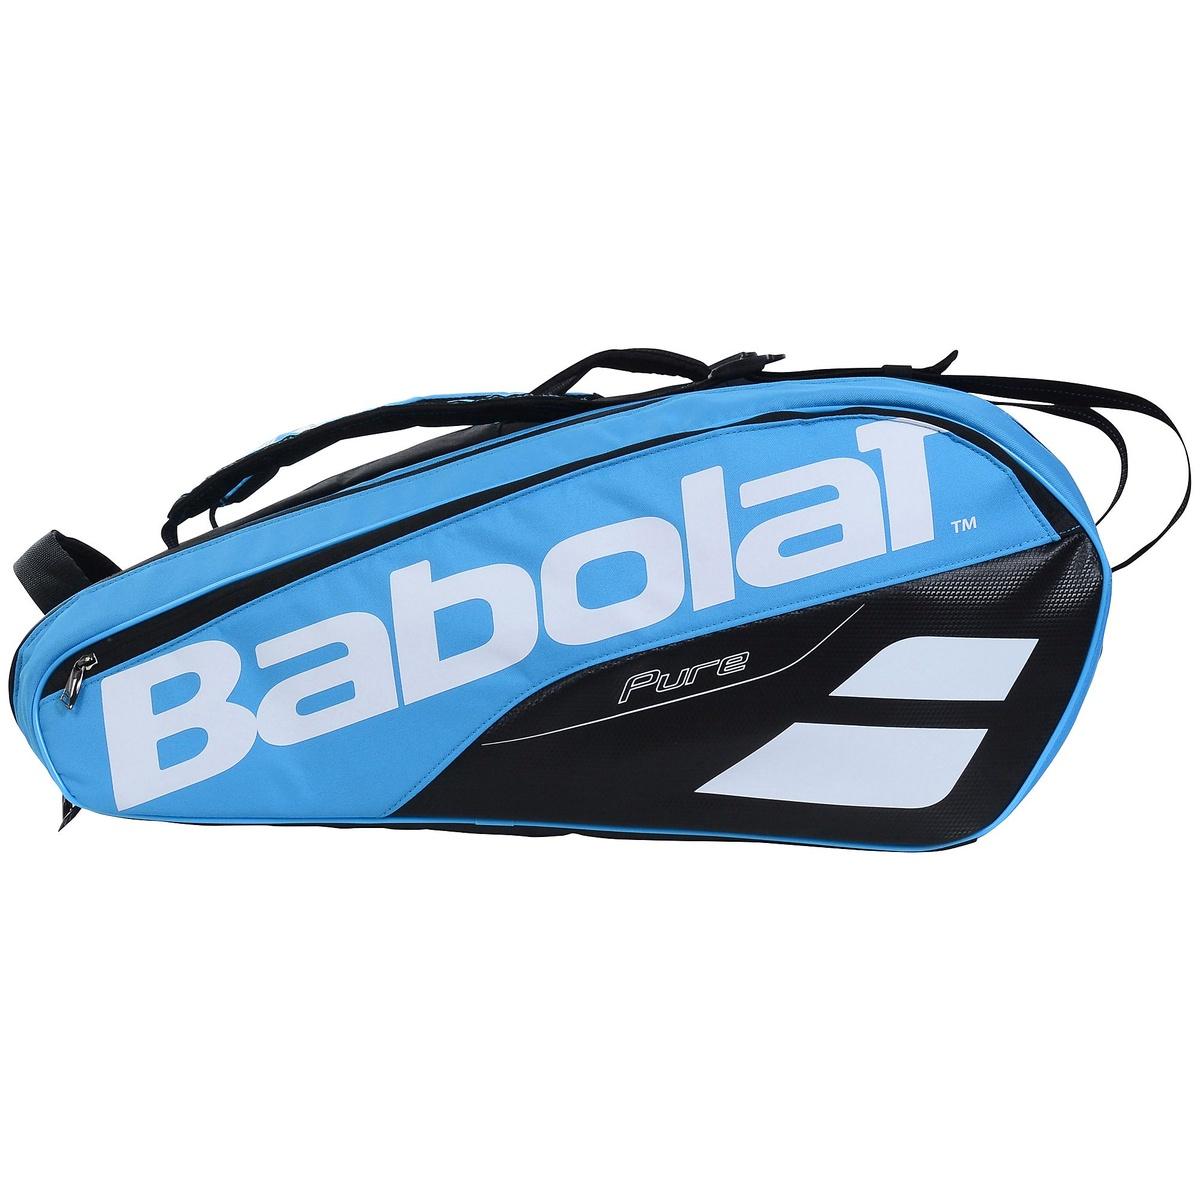 大割引 【送料無料 DRIVE】 Babolat (バボラ) BLU【送料無料】 ラケットスポーツ バッグ ケース類 RH×12 PURE DRIVE BLU BB751169, クラタケマチ:68de1923 --- subvention.hu